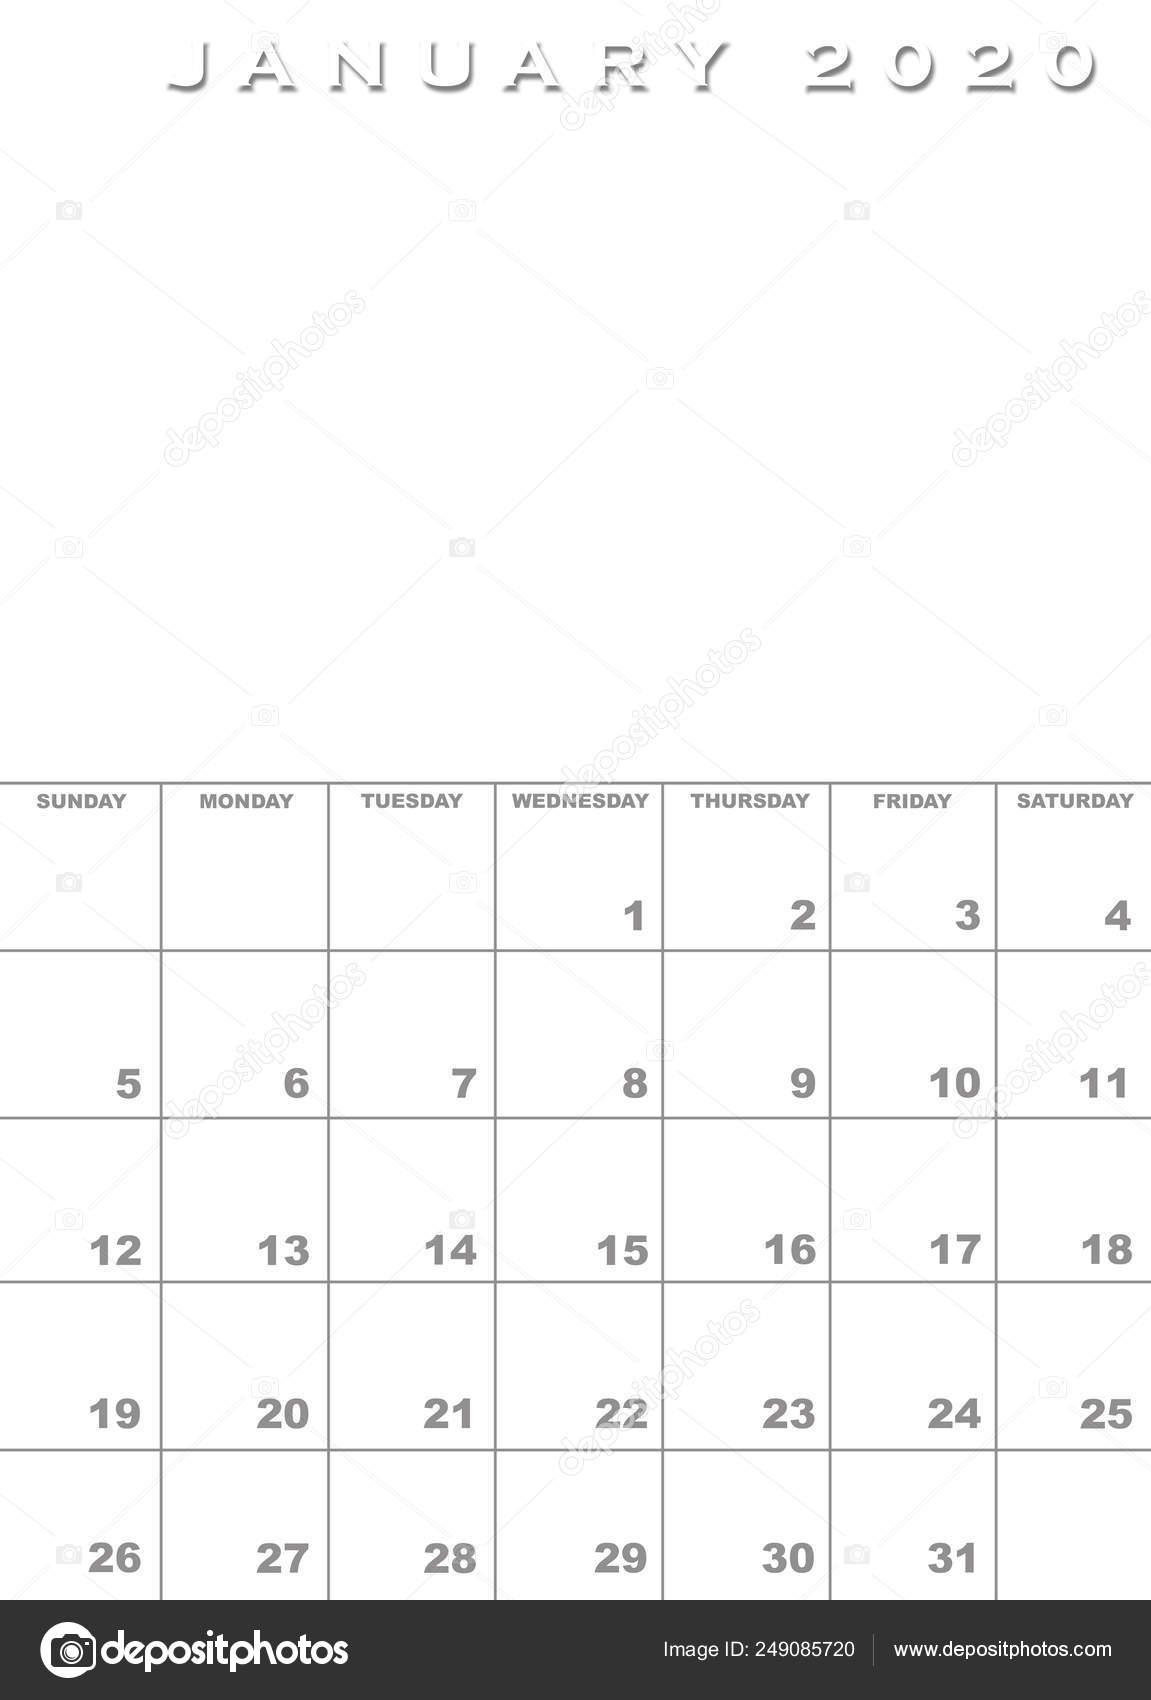 Calendario Gennaio 2020.Modello Di Calendario Gennaio 2020 Foto Stock C Paulvinten